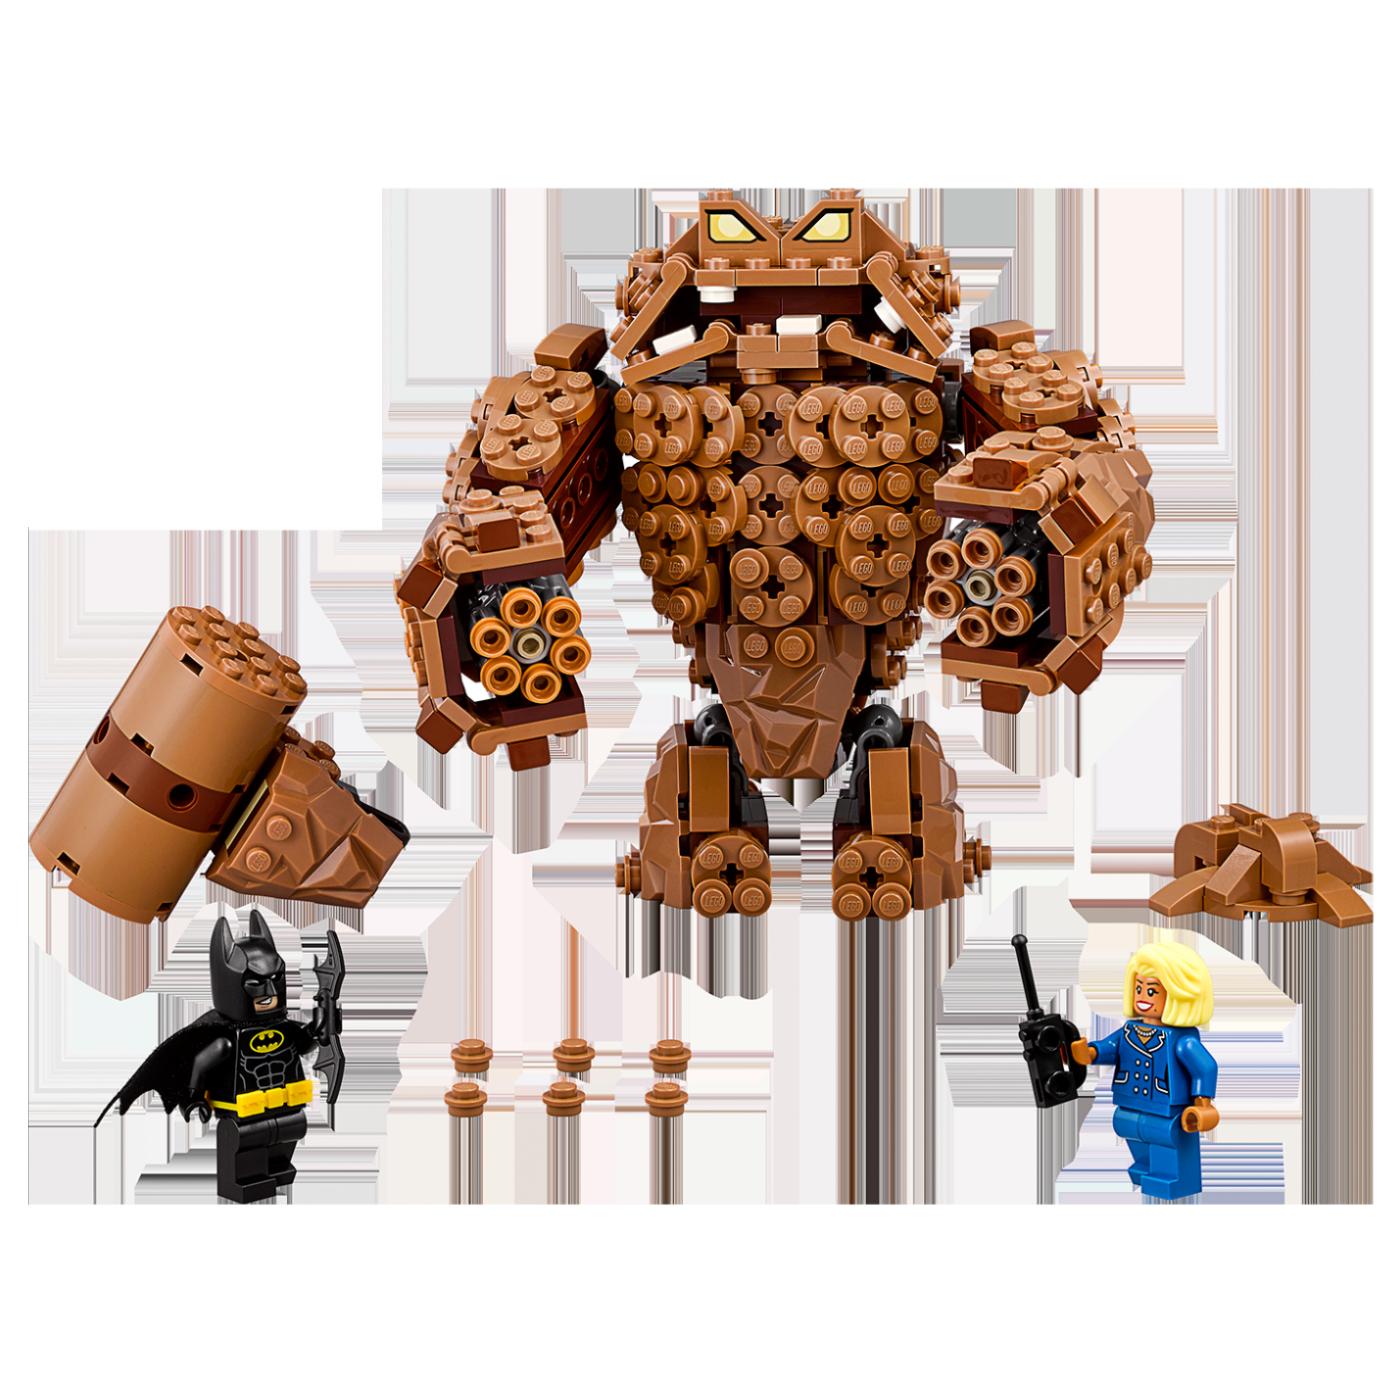 Napad Clayfacea, LEGO Batman Movie